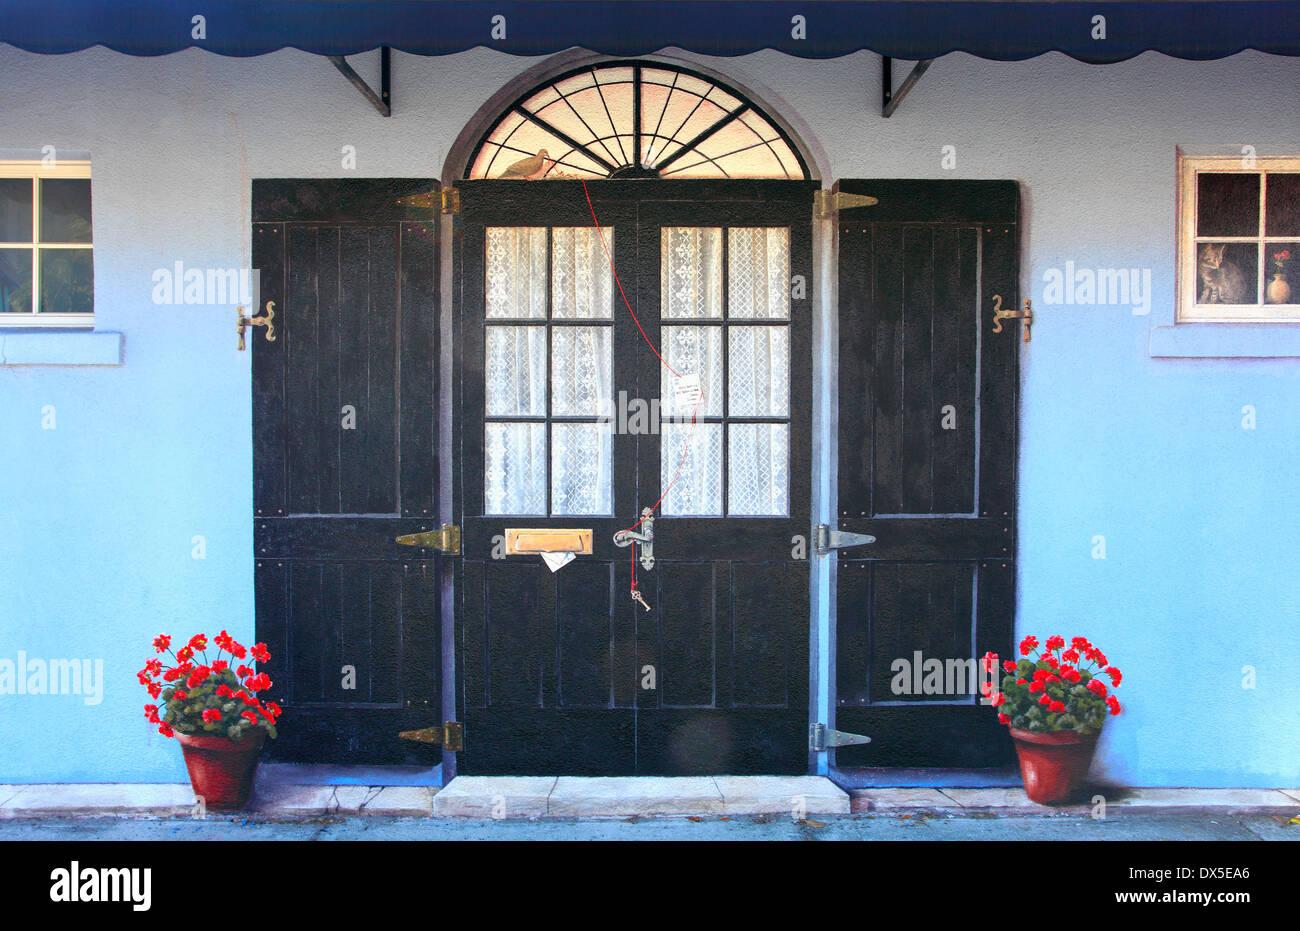 Realistische Wandbild eines hölzernen Tür und Fenster mit Blumentöpfen in der Stadt Sarasota, Florida, USA Stockbild